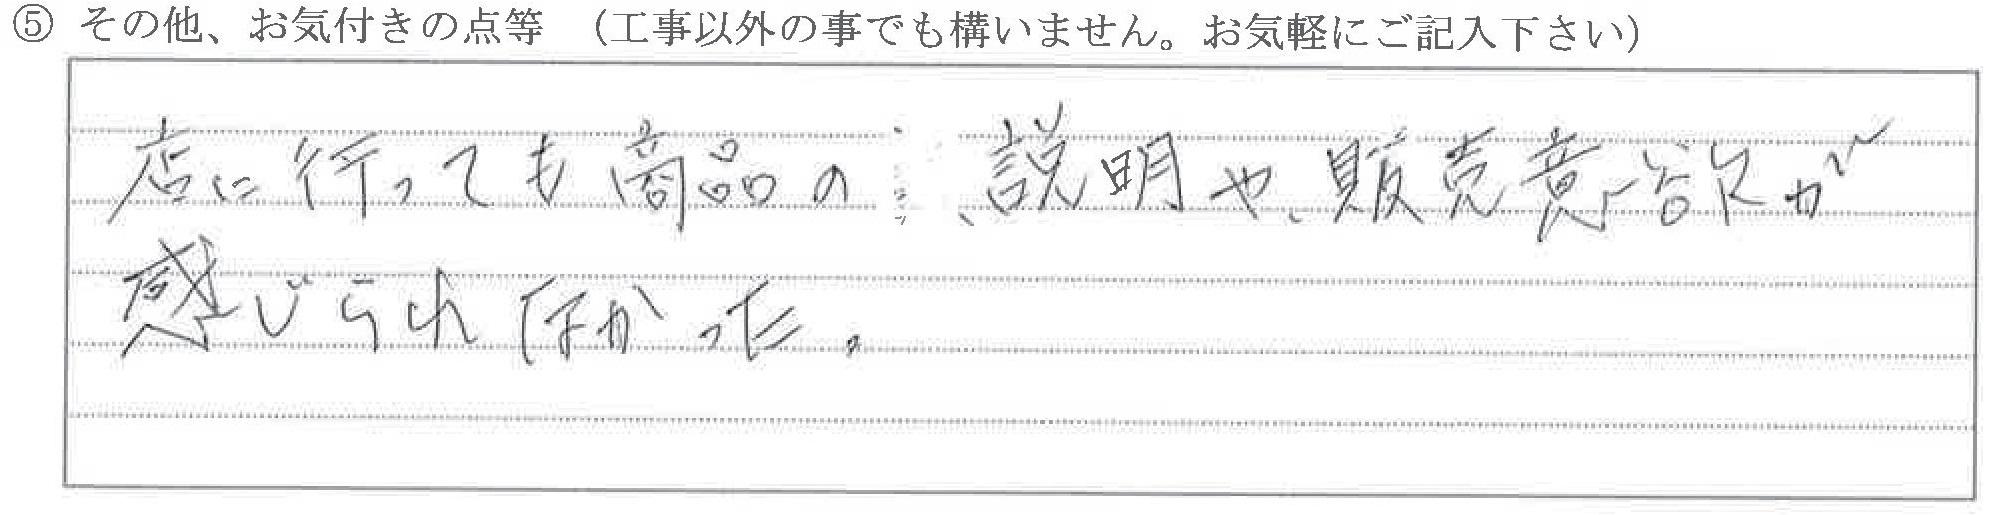 富山県下新川郡N様に頂いたブラインド取替についてのお気づきの点がありましたら、お聞かせ下さい。というご質問について「ブラインド取替工事【ご不満の声】」というお声についての画像